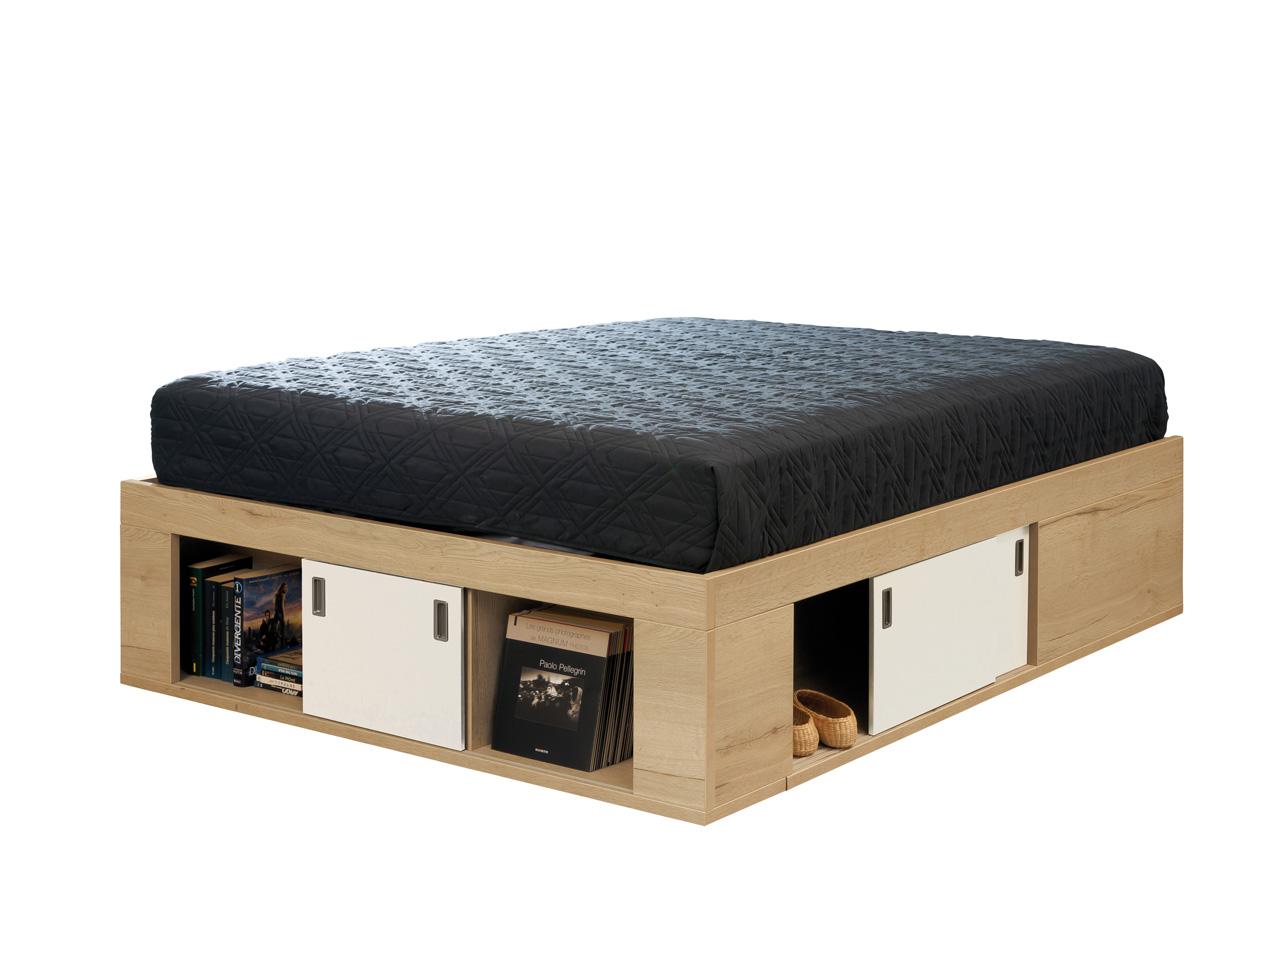 coffre de lit zodiaque ch ne naturel laque perle 160x200. Black Bedroom Furniture Sets. Home Design Ideas